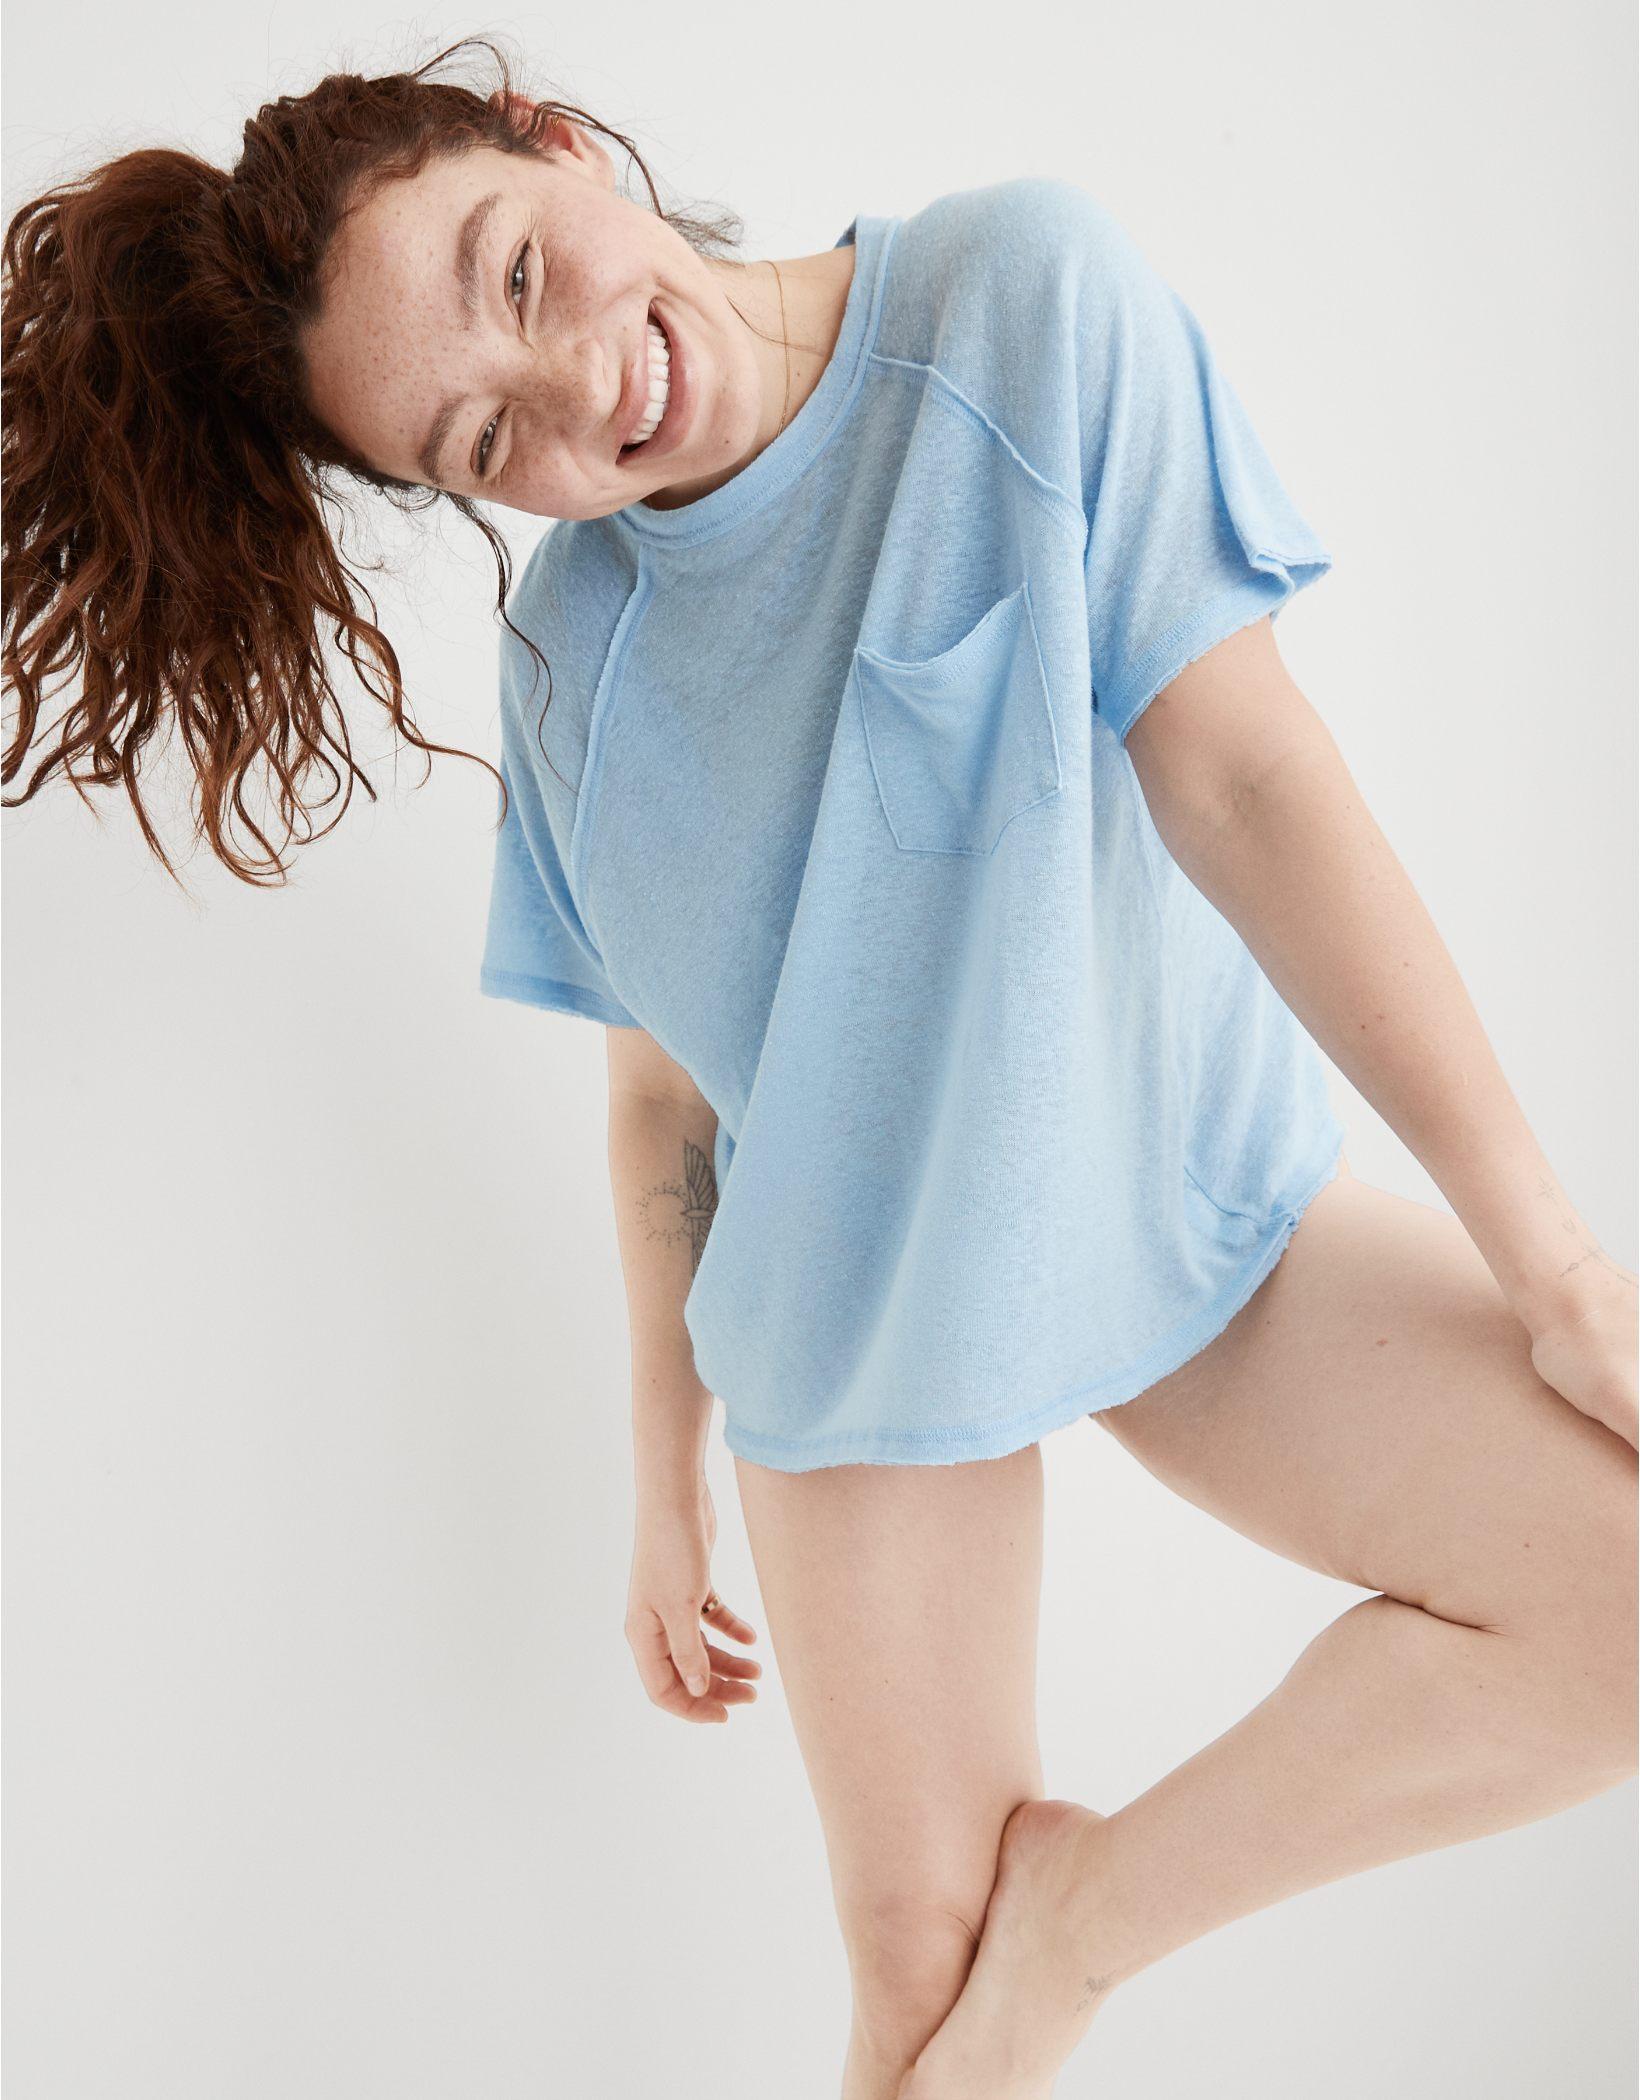 Aerie Breezy Linen T-Shirt